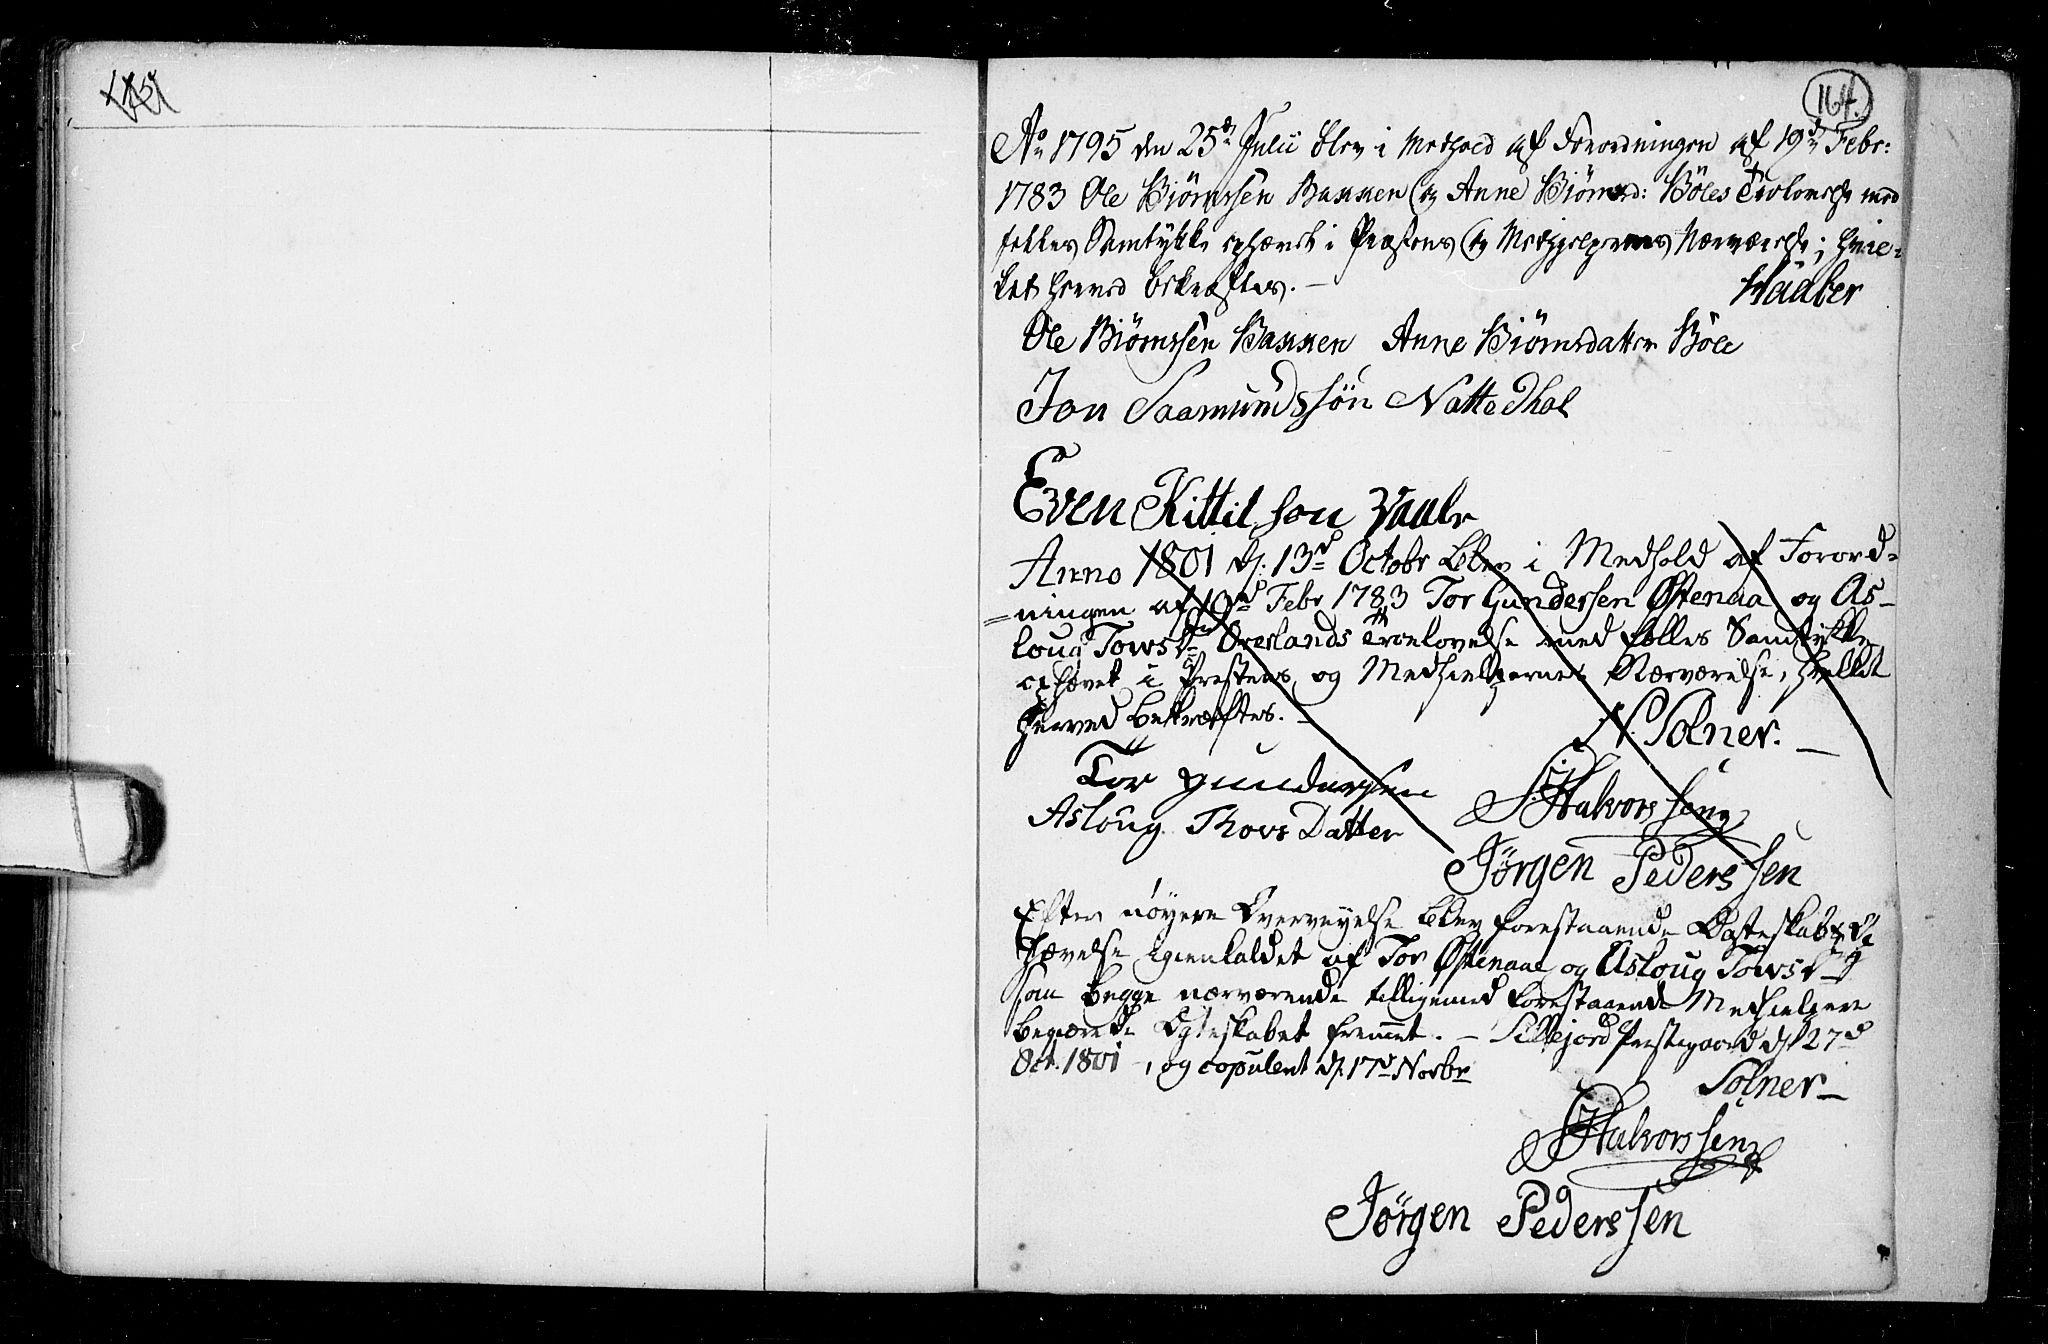 SAKO, Seljord kirkebøker, F/Fa/L0008: Ministerialbok nr. I 8, 1755-1814, s. 164